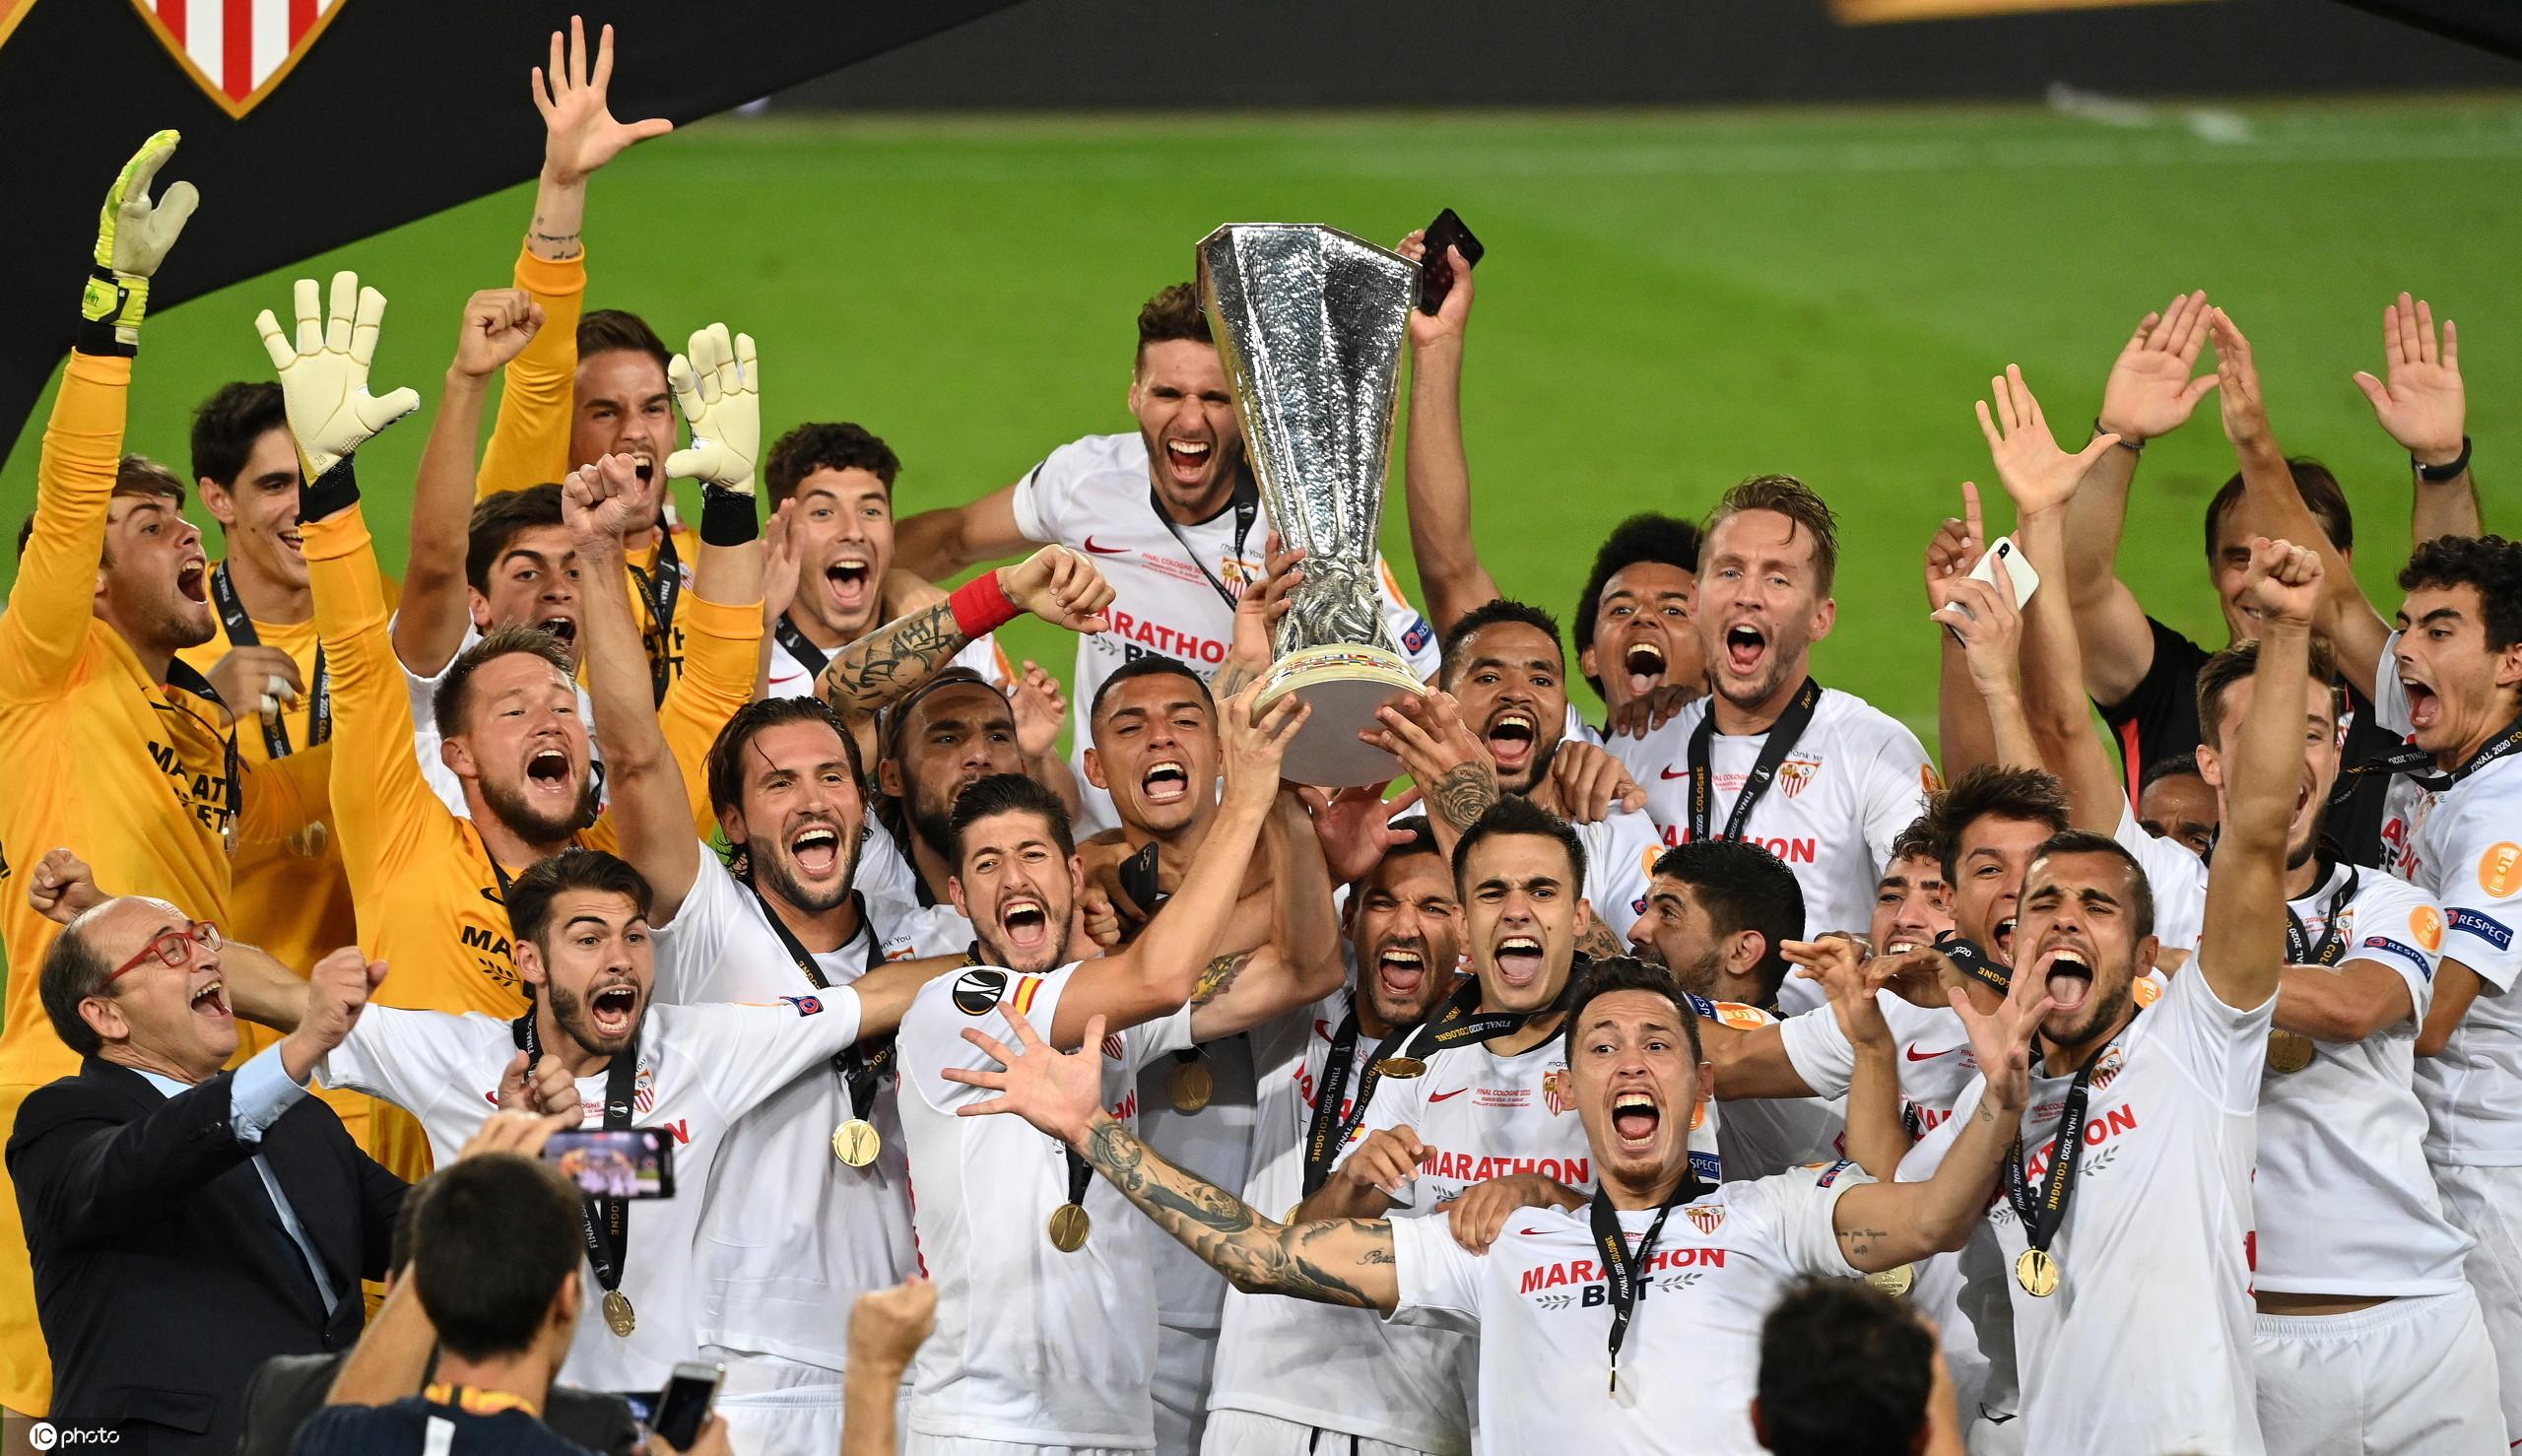 卡洛斯倒钩致胜,塞维利亚3-2国米第六次夺欧联冠军